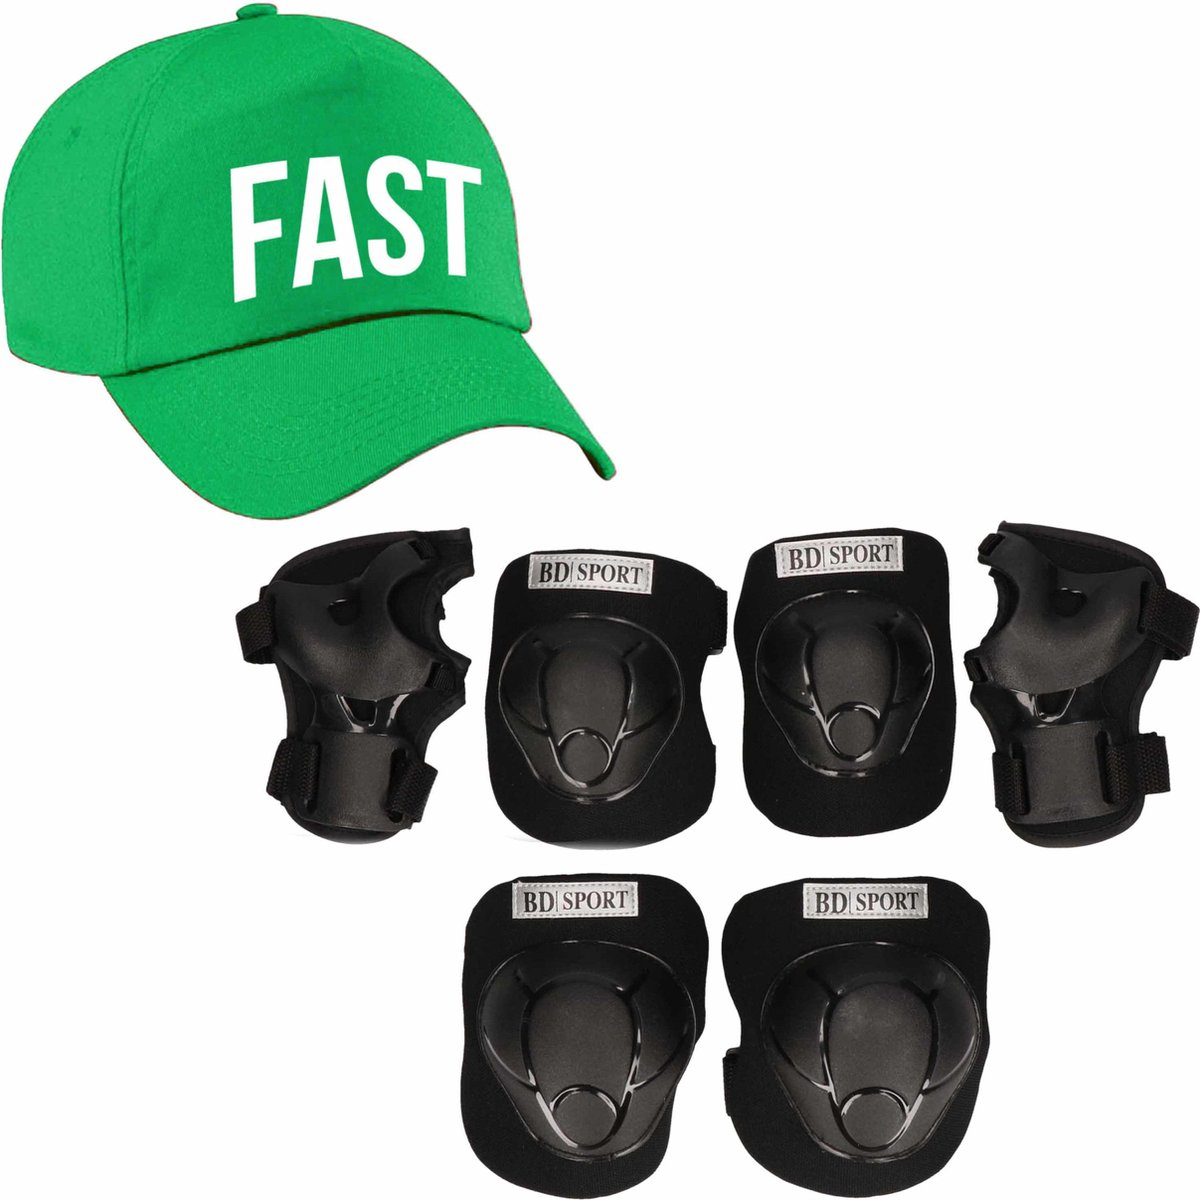 Set van valbescherming voor kinderen maat S / 4 tot 5 jaar met een stoere FAST pet groen